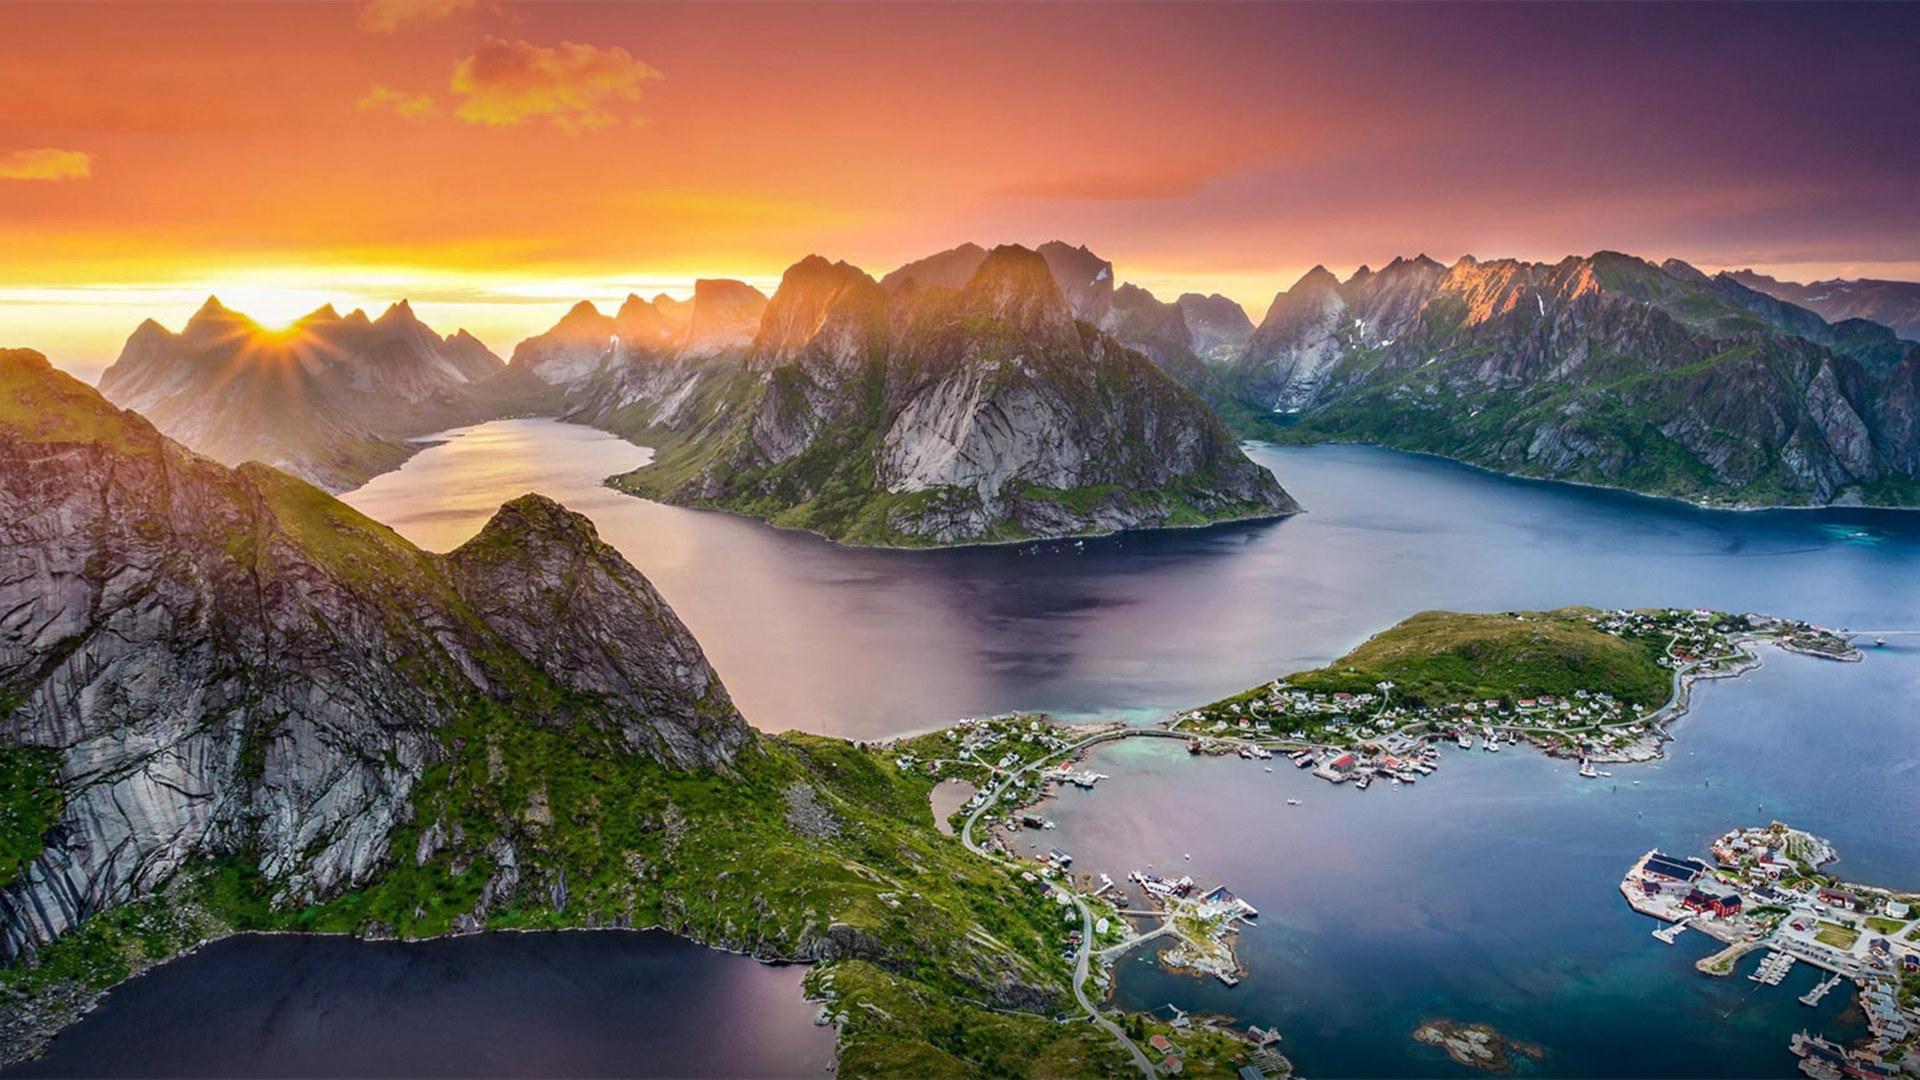 风景大片,自然风光,小镇,湖,岛,山脉,日出